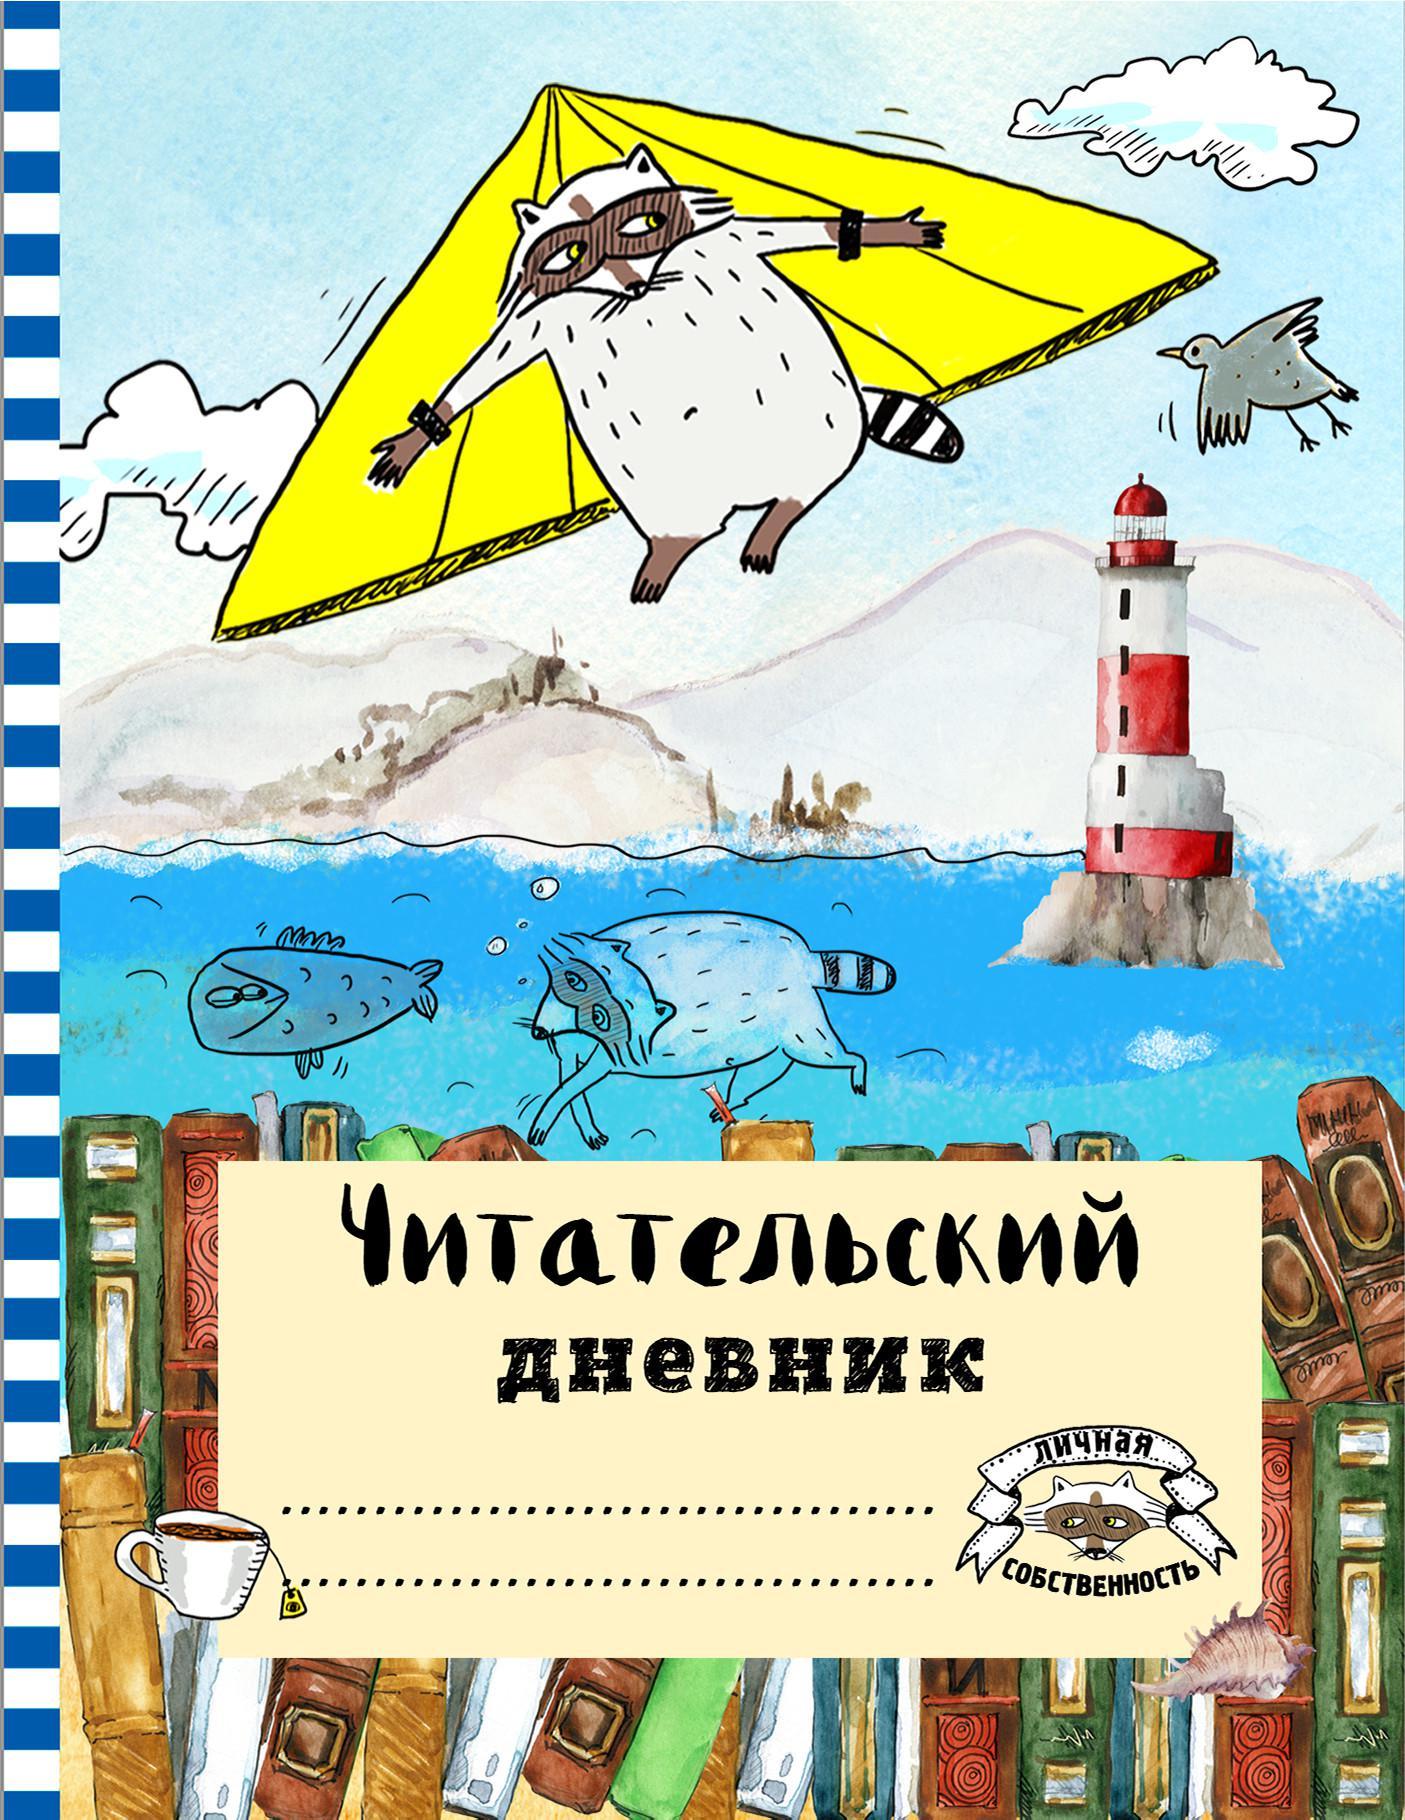 Читательский дневник с анкетой. Летающий енот. 162х210мм, мягкая обложка, цветной блок, 64 стр.